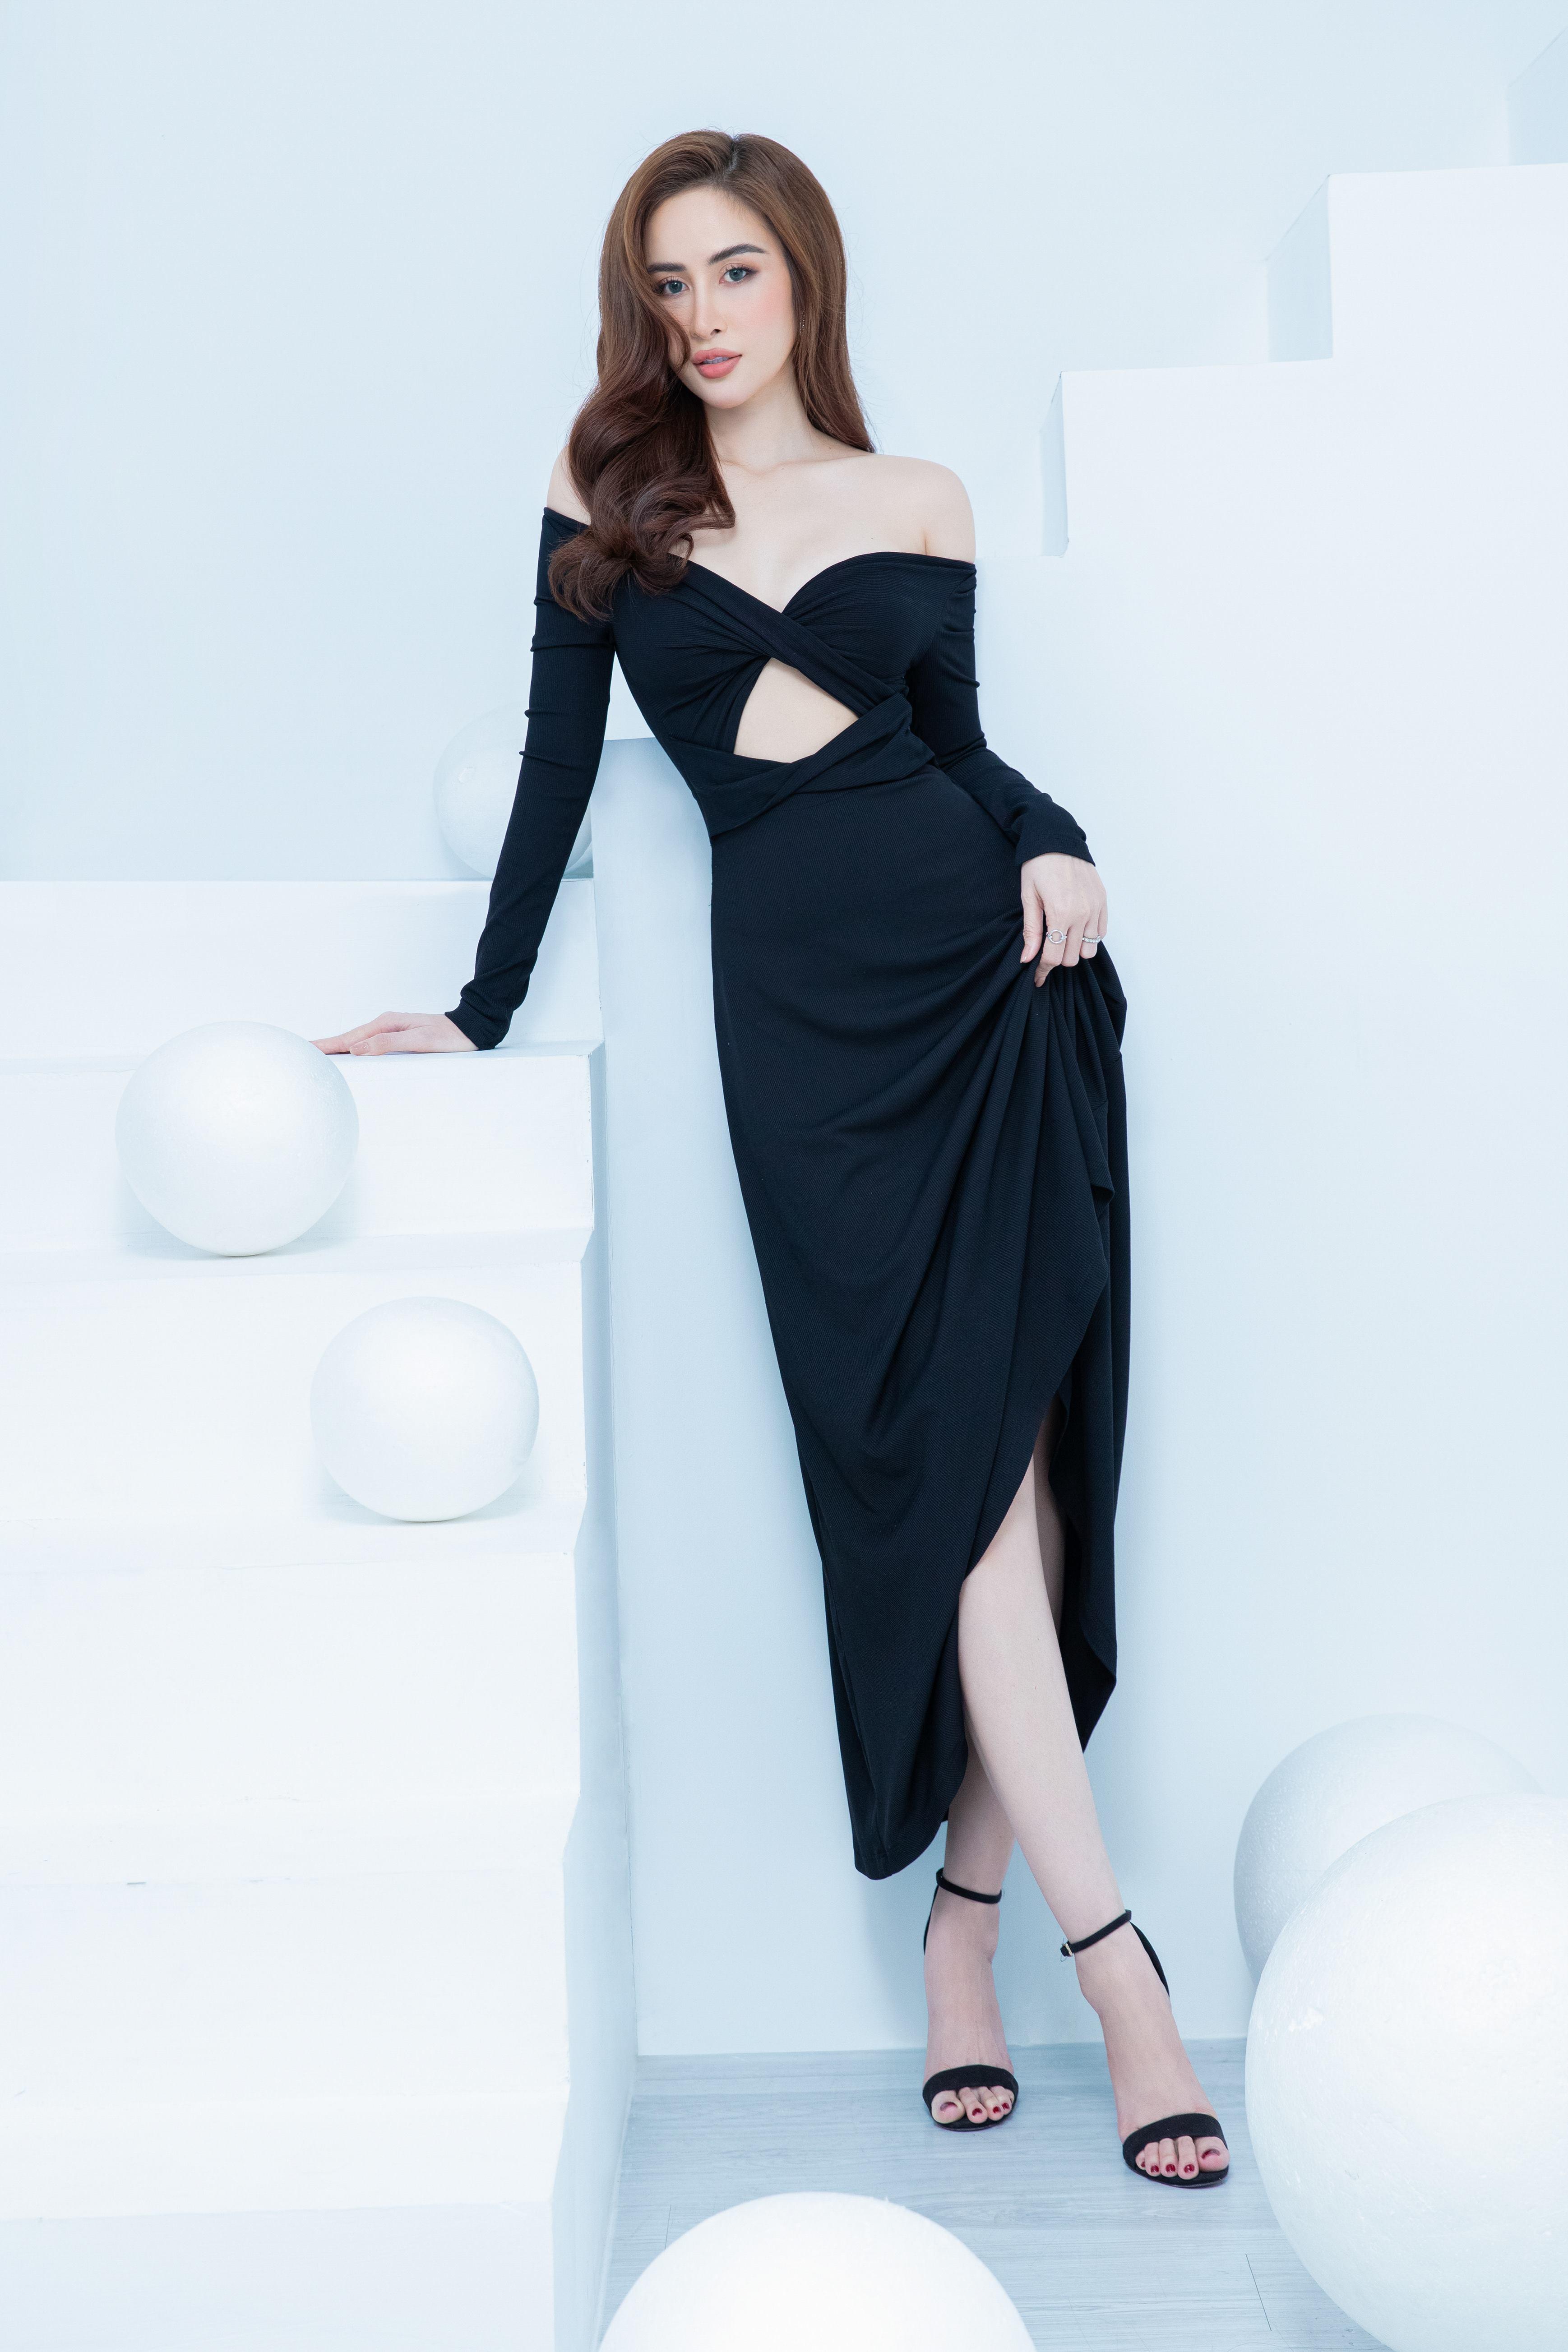 Hoa hậu quê Bạc Liêu khoe body nóng bỏng - 7